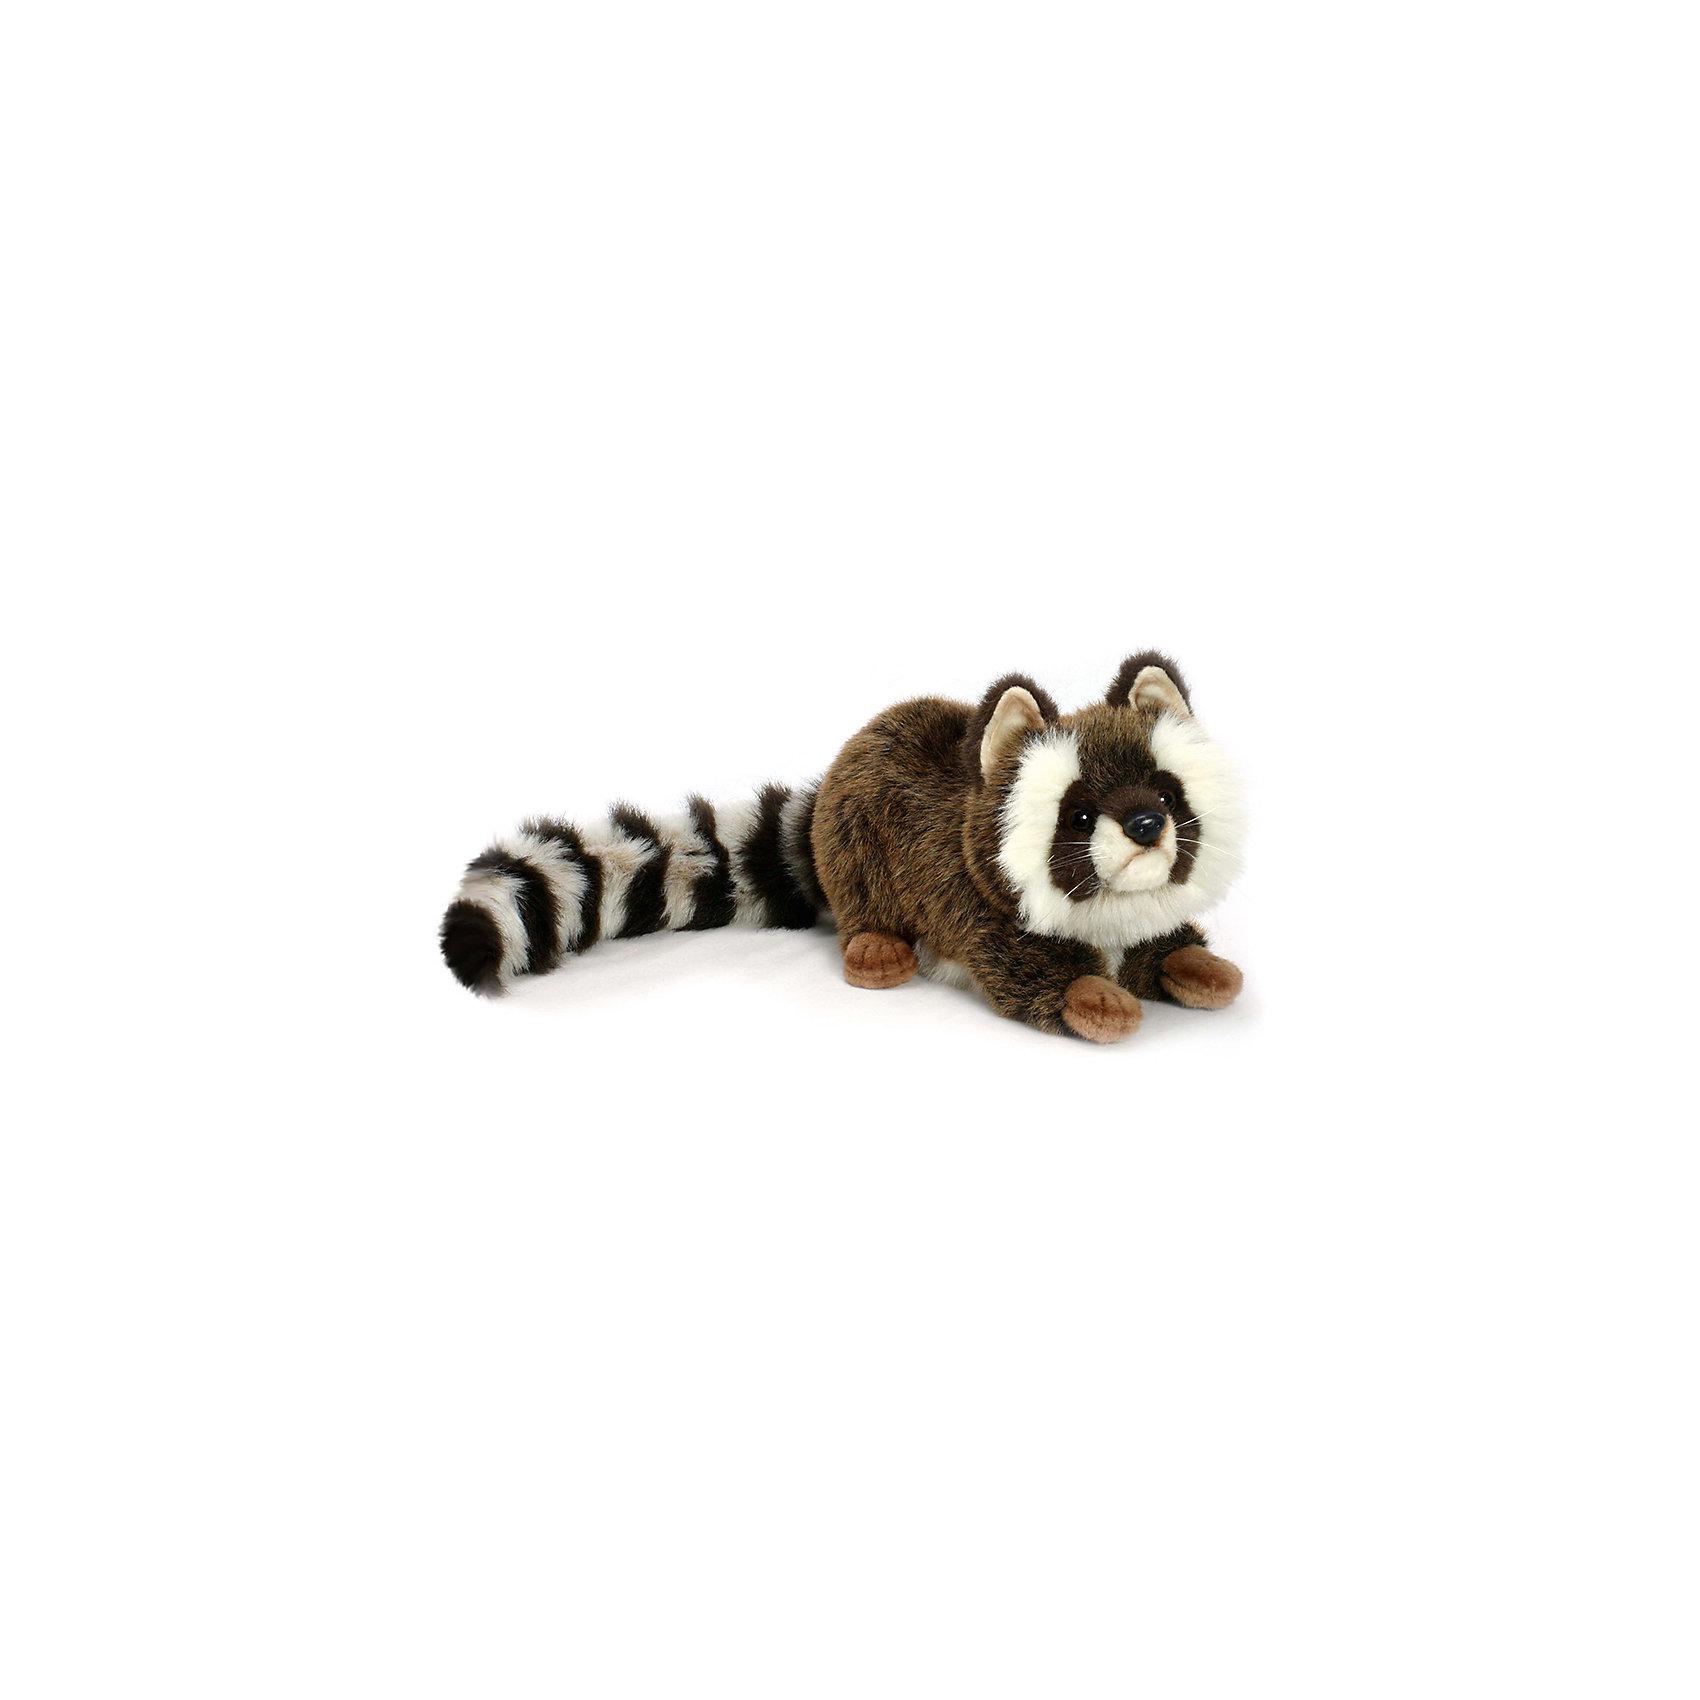 Енот, 35 смЗвери и птицы<br>Енот, 35 см – игрушка от знаменитого бренда Hansa, специализирующегося на выпуске мягких игрушек с высокой степенью натуралистичности. Внешний вид игрушечного енота полностью соответствует своему реальному прототипу. Он выполнен из искусственного меха меланжевого окраса с длинным ворсом: у енота – пушистый полосатый хвост и белые пухлые щечки. Использованные материалы обладают гипоаллергенными свойствами. Внутри игрушки имеется металлический каркас, позволяющий изменять положение. <br>Игрушка относится к серии Дикие животные. <br>Мягкие игрушки от Hansa подходят для сюжетно-ролевых игр, для обучающих игр, направленных на знакомство с животным миром дикой природы. Кроме того, их можно использовать в качестве интерьерных игрушек. Коллекция из нескольких игрушек позволяет создать свой домашний зоопарк, который будет радовать вашего ребенка долгое время, так как ручная работа и качественные материалы гарантируют их долговечность и прочность.<br><br>Дополнительная информация:<br><br>- Вид игр: сюжетно-ролевые игры, коллекционирование, интерьерные игрушки<br>- Предназначение: для дома, для детских развивающих центров, для детских садов<br>- Материал: искусственный мех, наполнитель ? полиэфирное волокно<br>- Размер (ДхШхВ): 74*21*22 см<br>- Вес: 770 г<br>- Особенности ухода: сухая чистка при помощи пылесоса или щетки для одежды<br><br>Подробнее:<br><br>• Для детей в возрасте: от 3 лет <br>• Страна производитель: Филиппины<br>• Торговый бренд: Hansa<br><br>Енота, 35 см можно купить в нашем интернет-магазине.<br><br>Ширина мм: 74<br>Глубина мм: 21<br>Высота мм: 22<br>Вес г: 770<br>Возраст от месяцев: 36<br>Возраст до месяцев: 2147483647<br>Пол: Унисекс<br>Возраст: Детский<br>SKU: 4927139